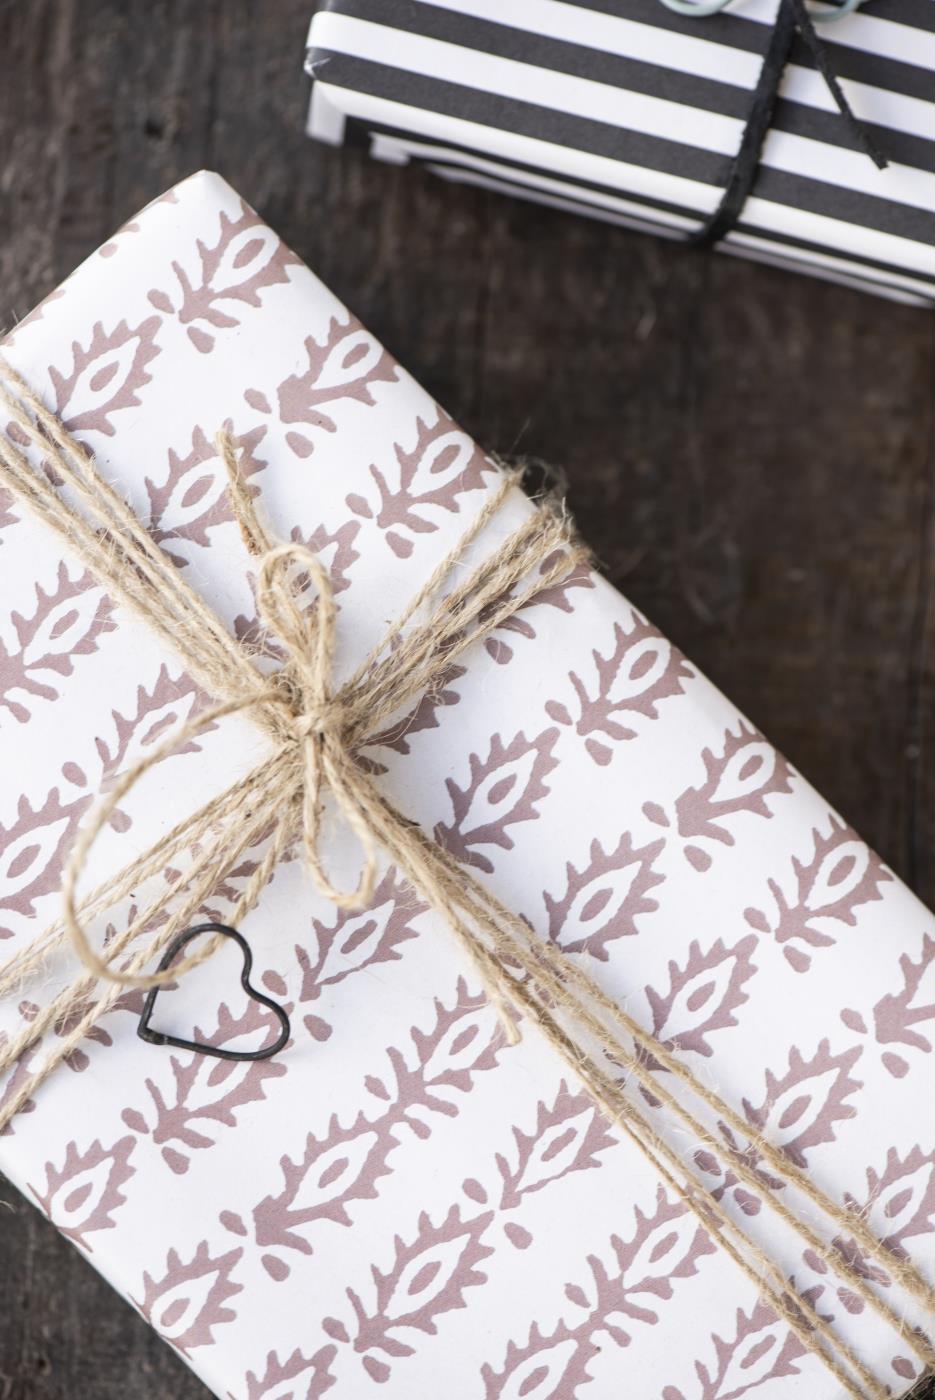 IB LAURSEN Balicí papír flower malva, růžová barva, bílá barva, papír